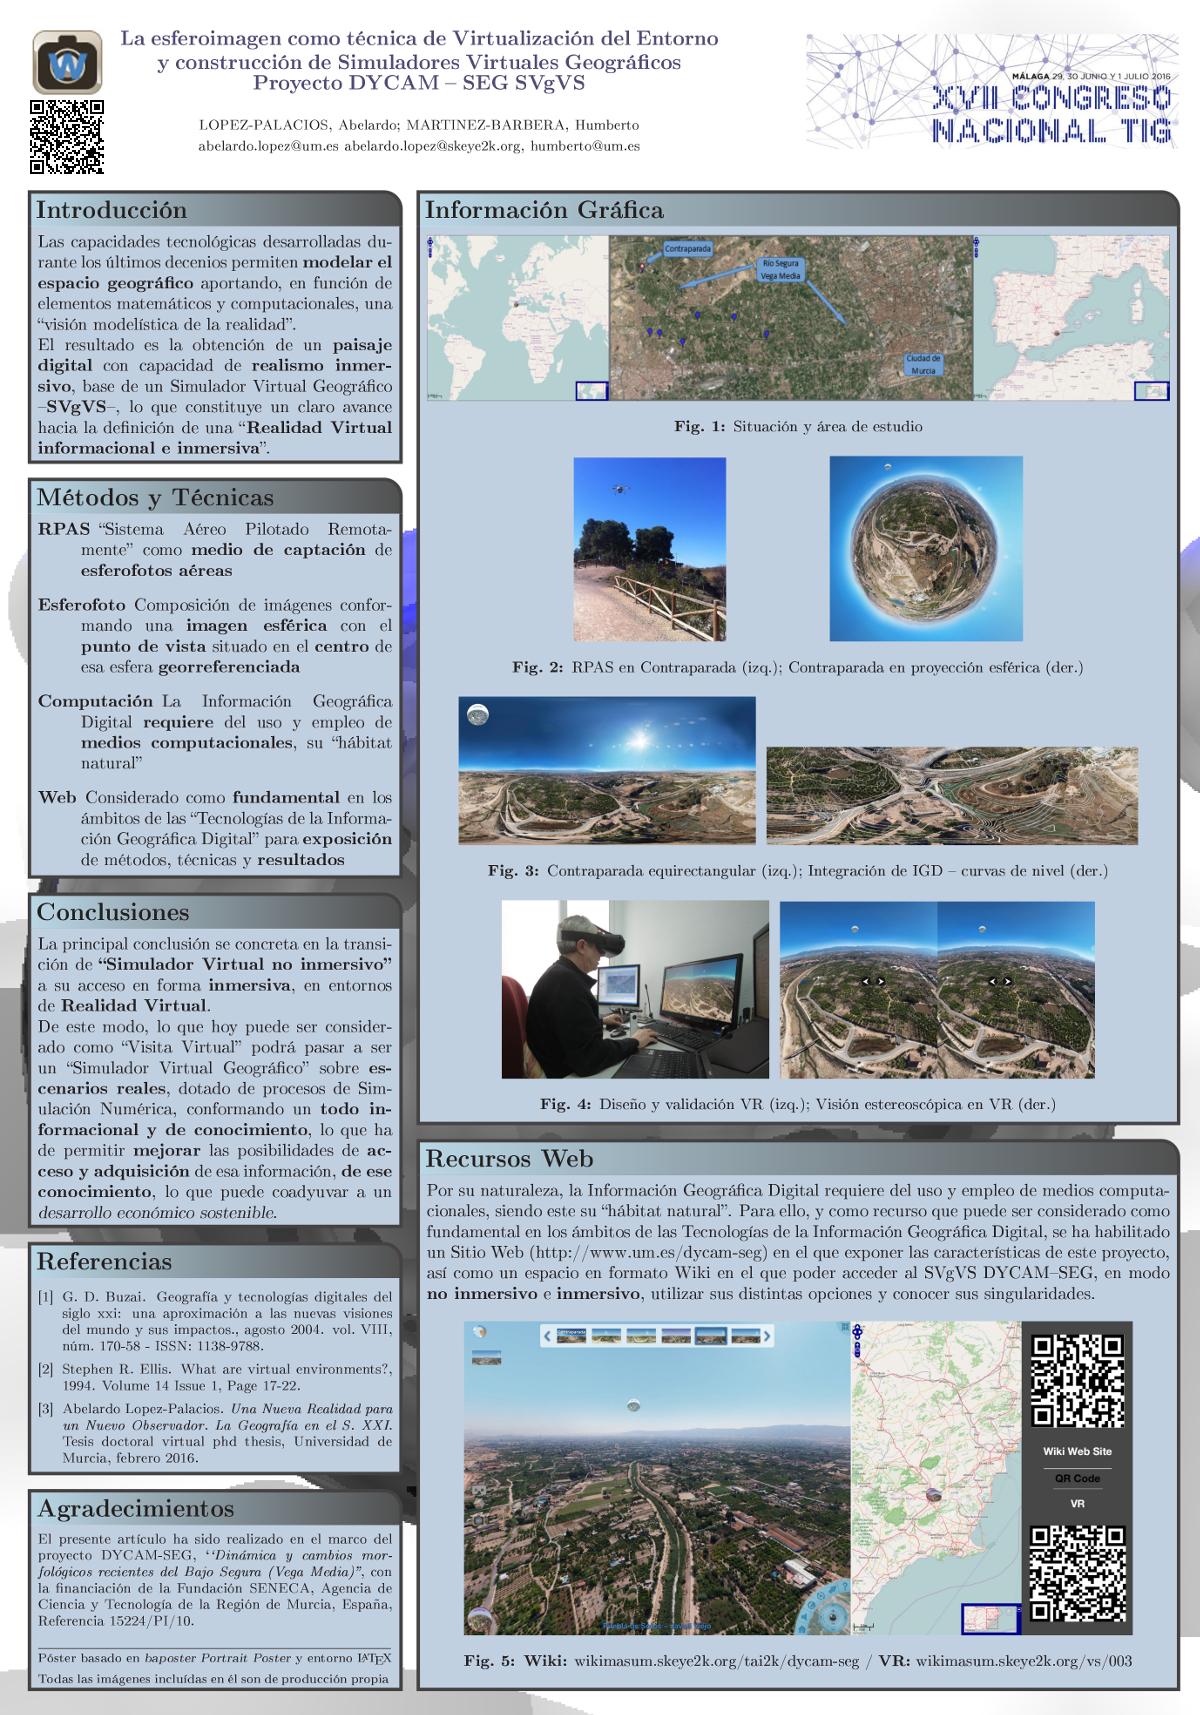 Póster científico - Wikipedia, la enciclopedia libre